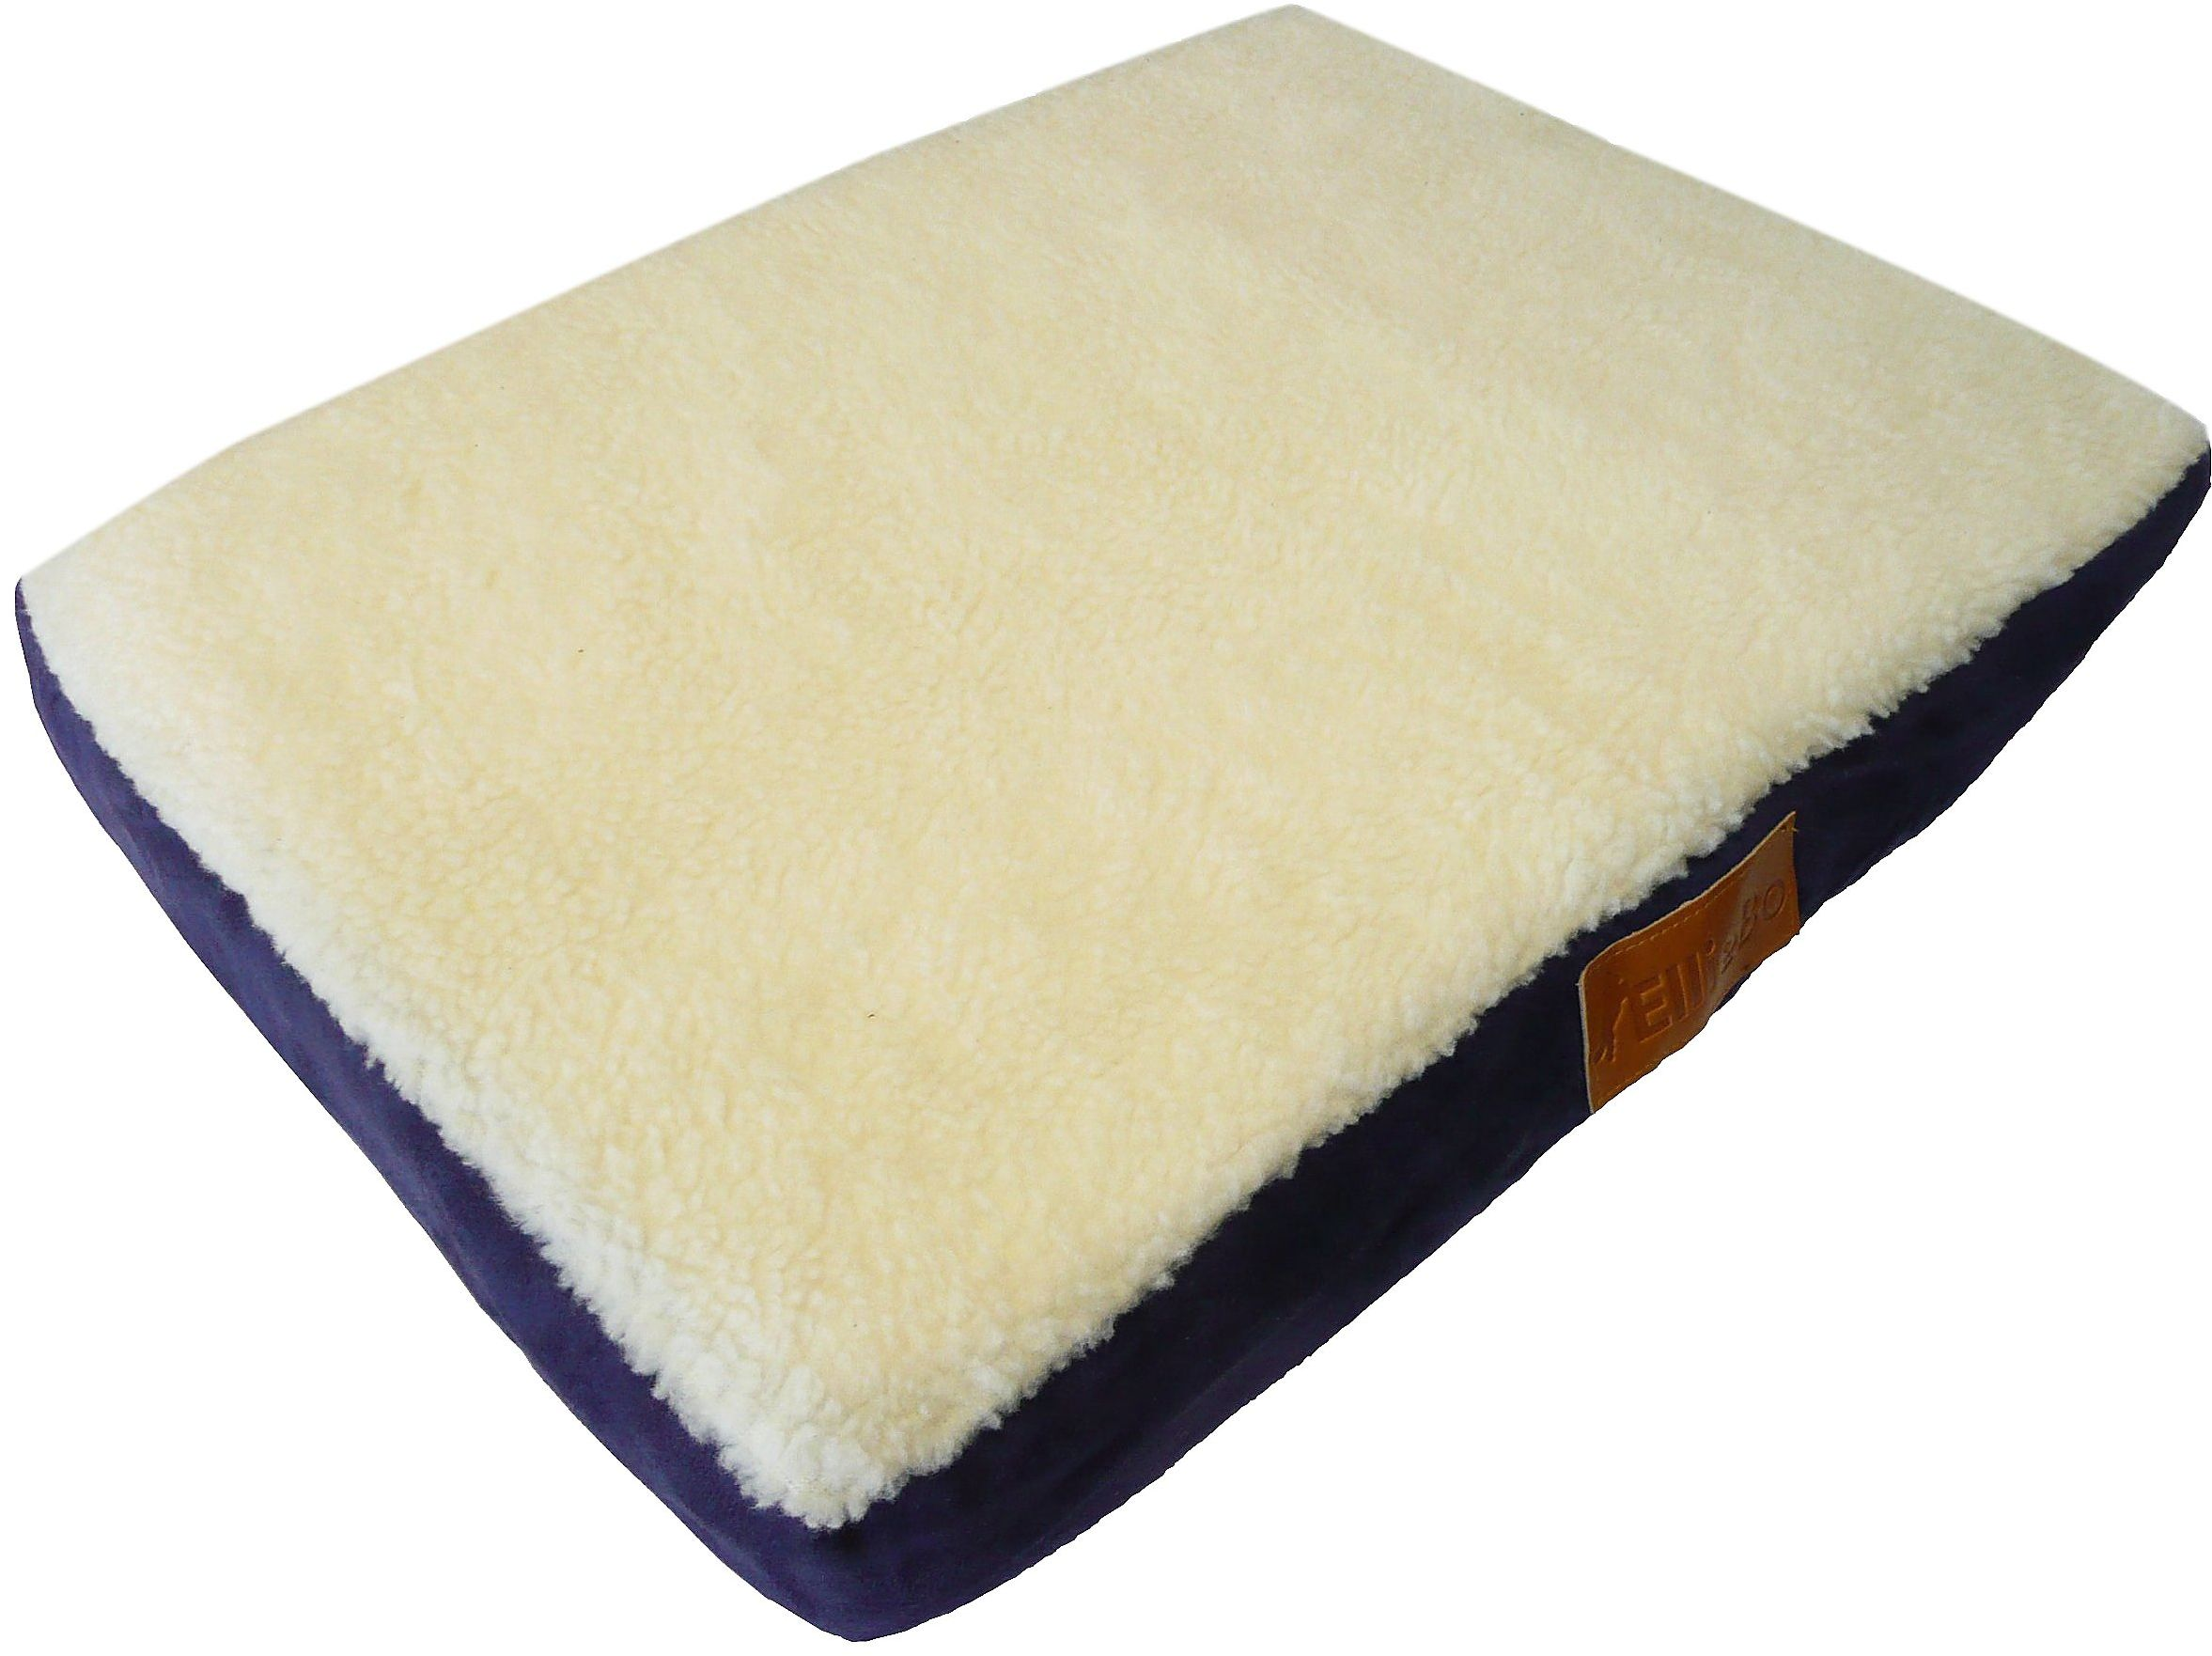 Ellie-Bo ortopedyczne łóżeczko dla psa z imitacją zamszu i owczej skóry do klatki dla psów / klatki średniej 76 cm niebieski